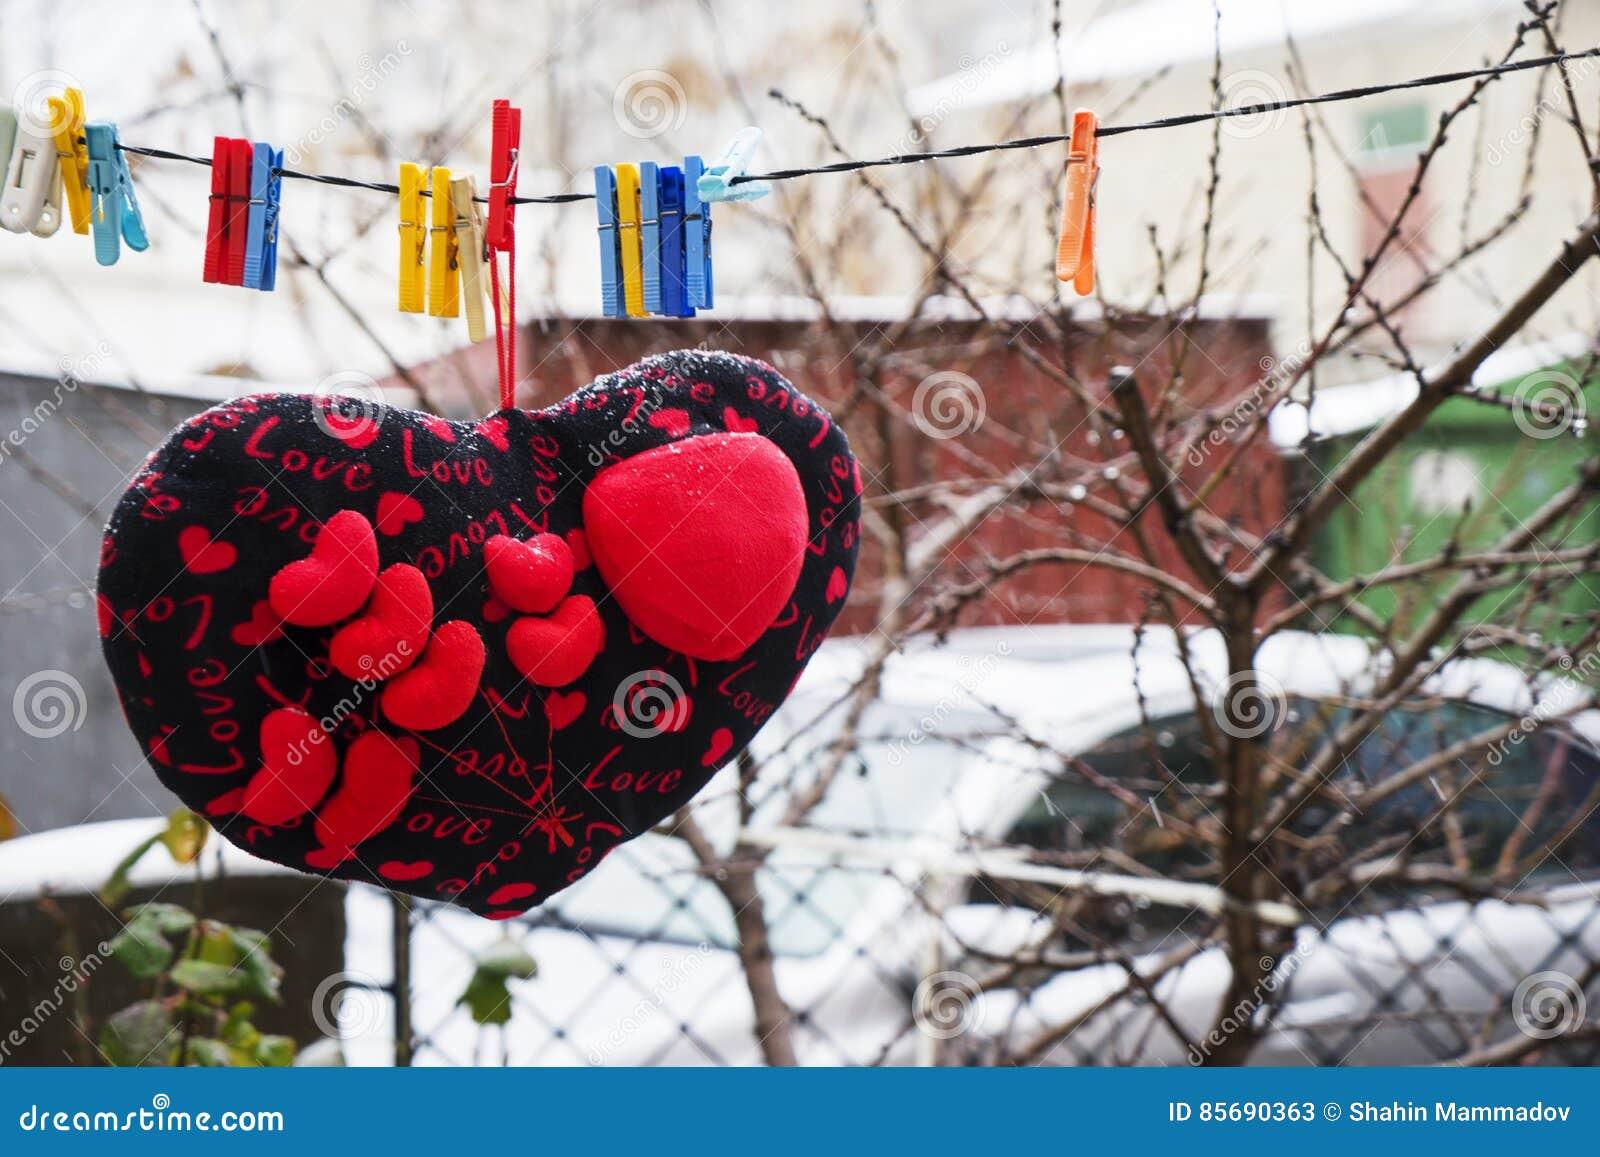 Yarda Cojines.Rose Roja Cojines Suaves De Los Corazones Que Cuelgan En Una Cuerda